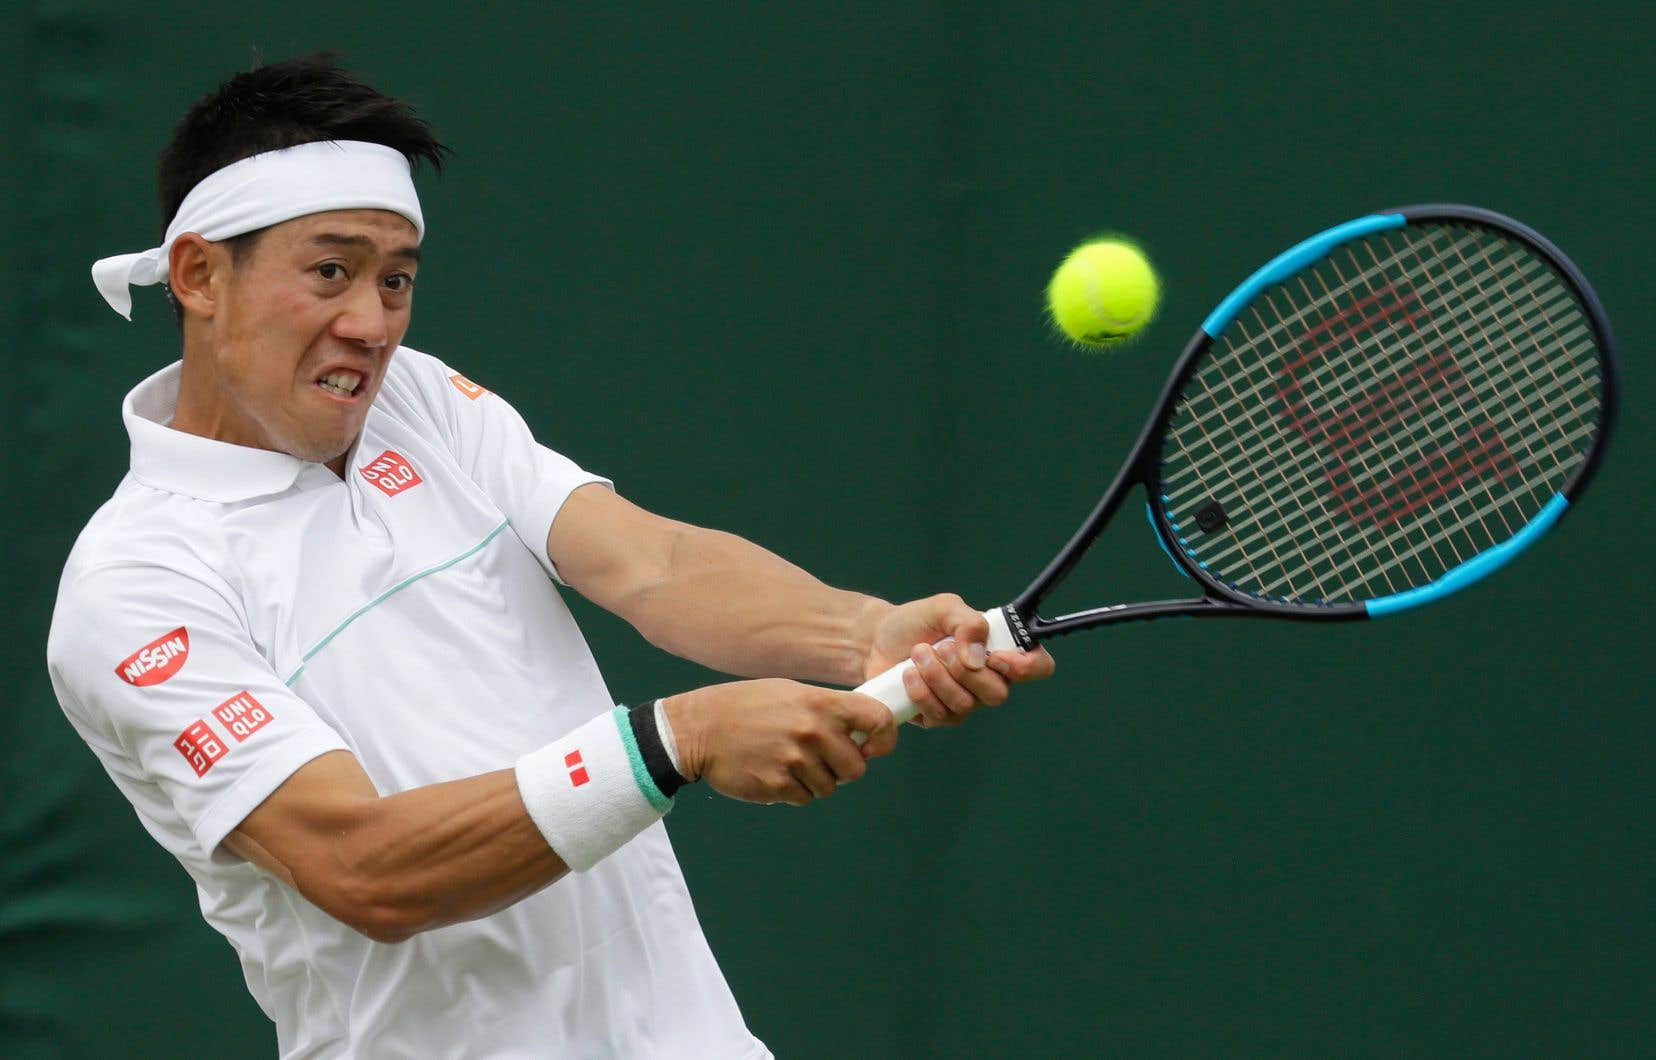 Kei Nishikori lors Tournoi de Wimbledon en 2019